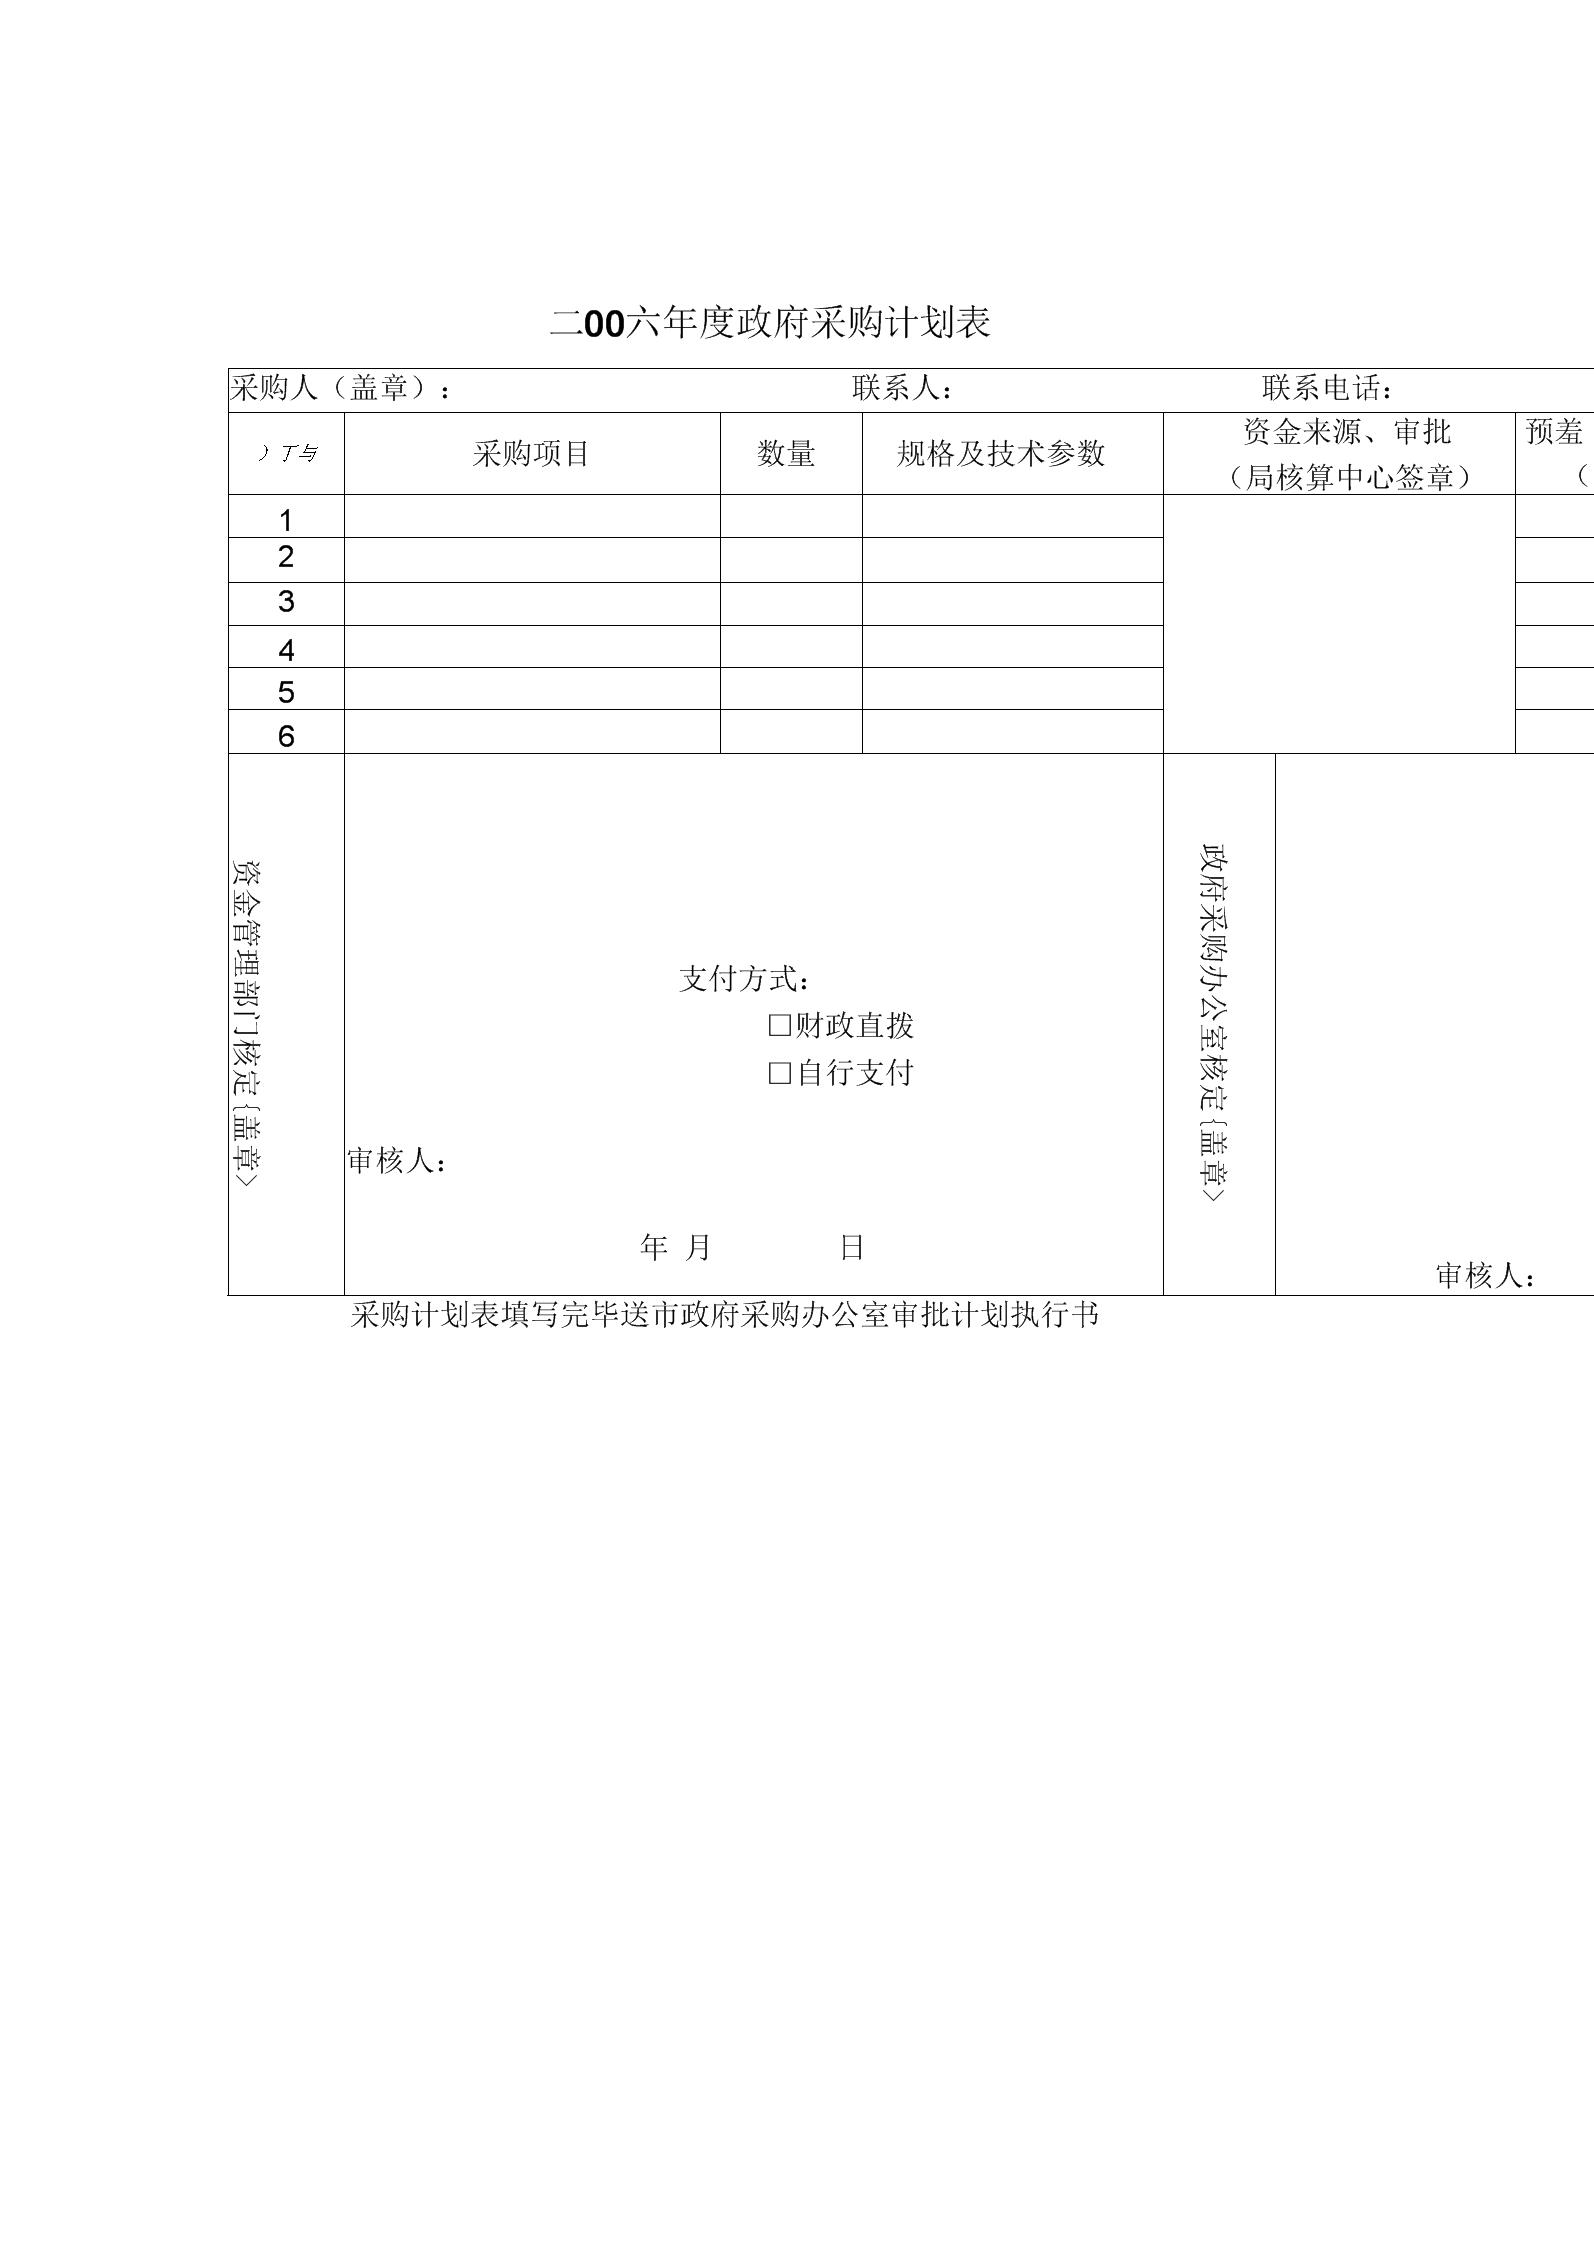 某年度政府采购计划表.docx